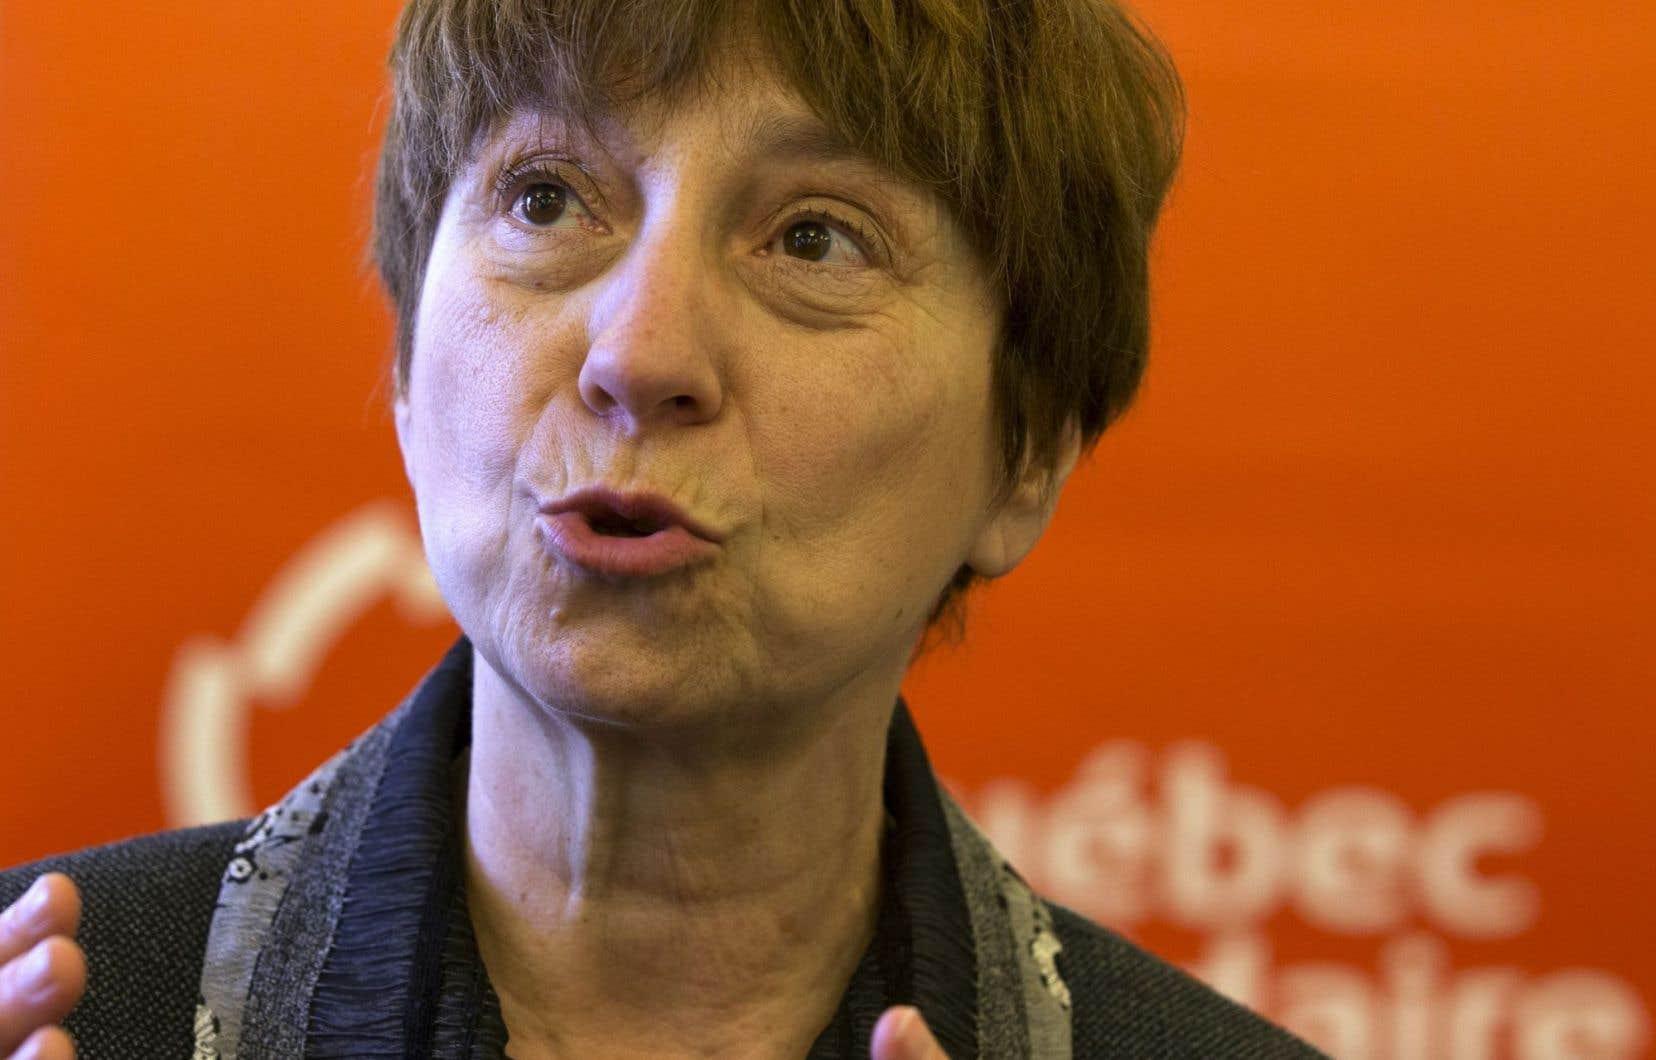 Les régions sont également très touchées par les effets de l'austérité, note la porte-parole de Québec Solidaire Françoise David.